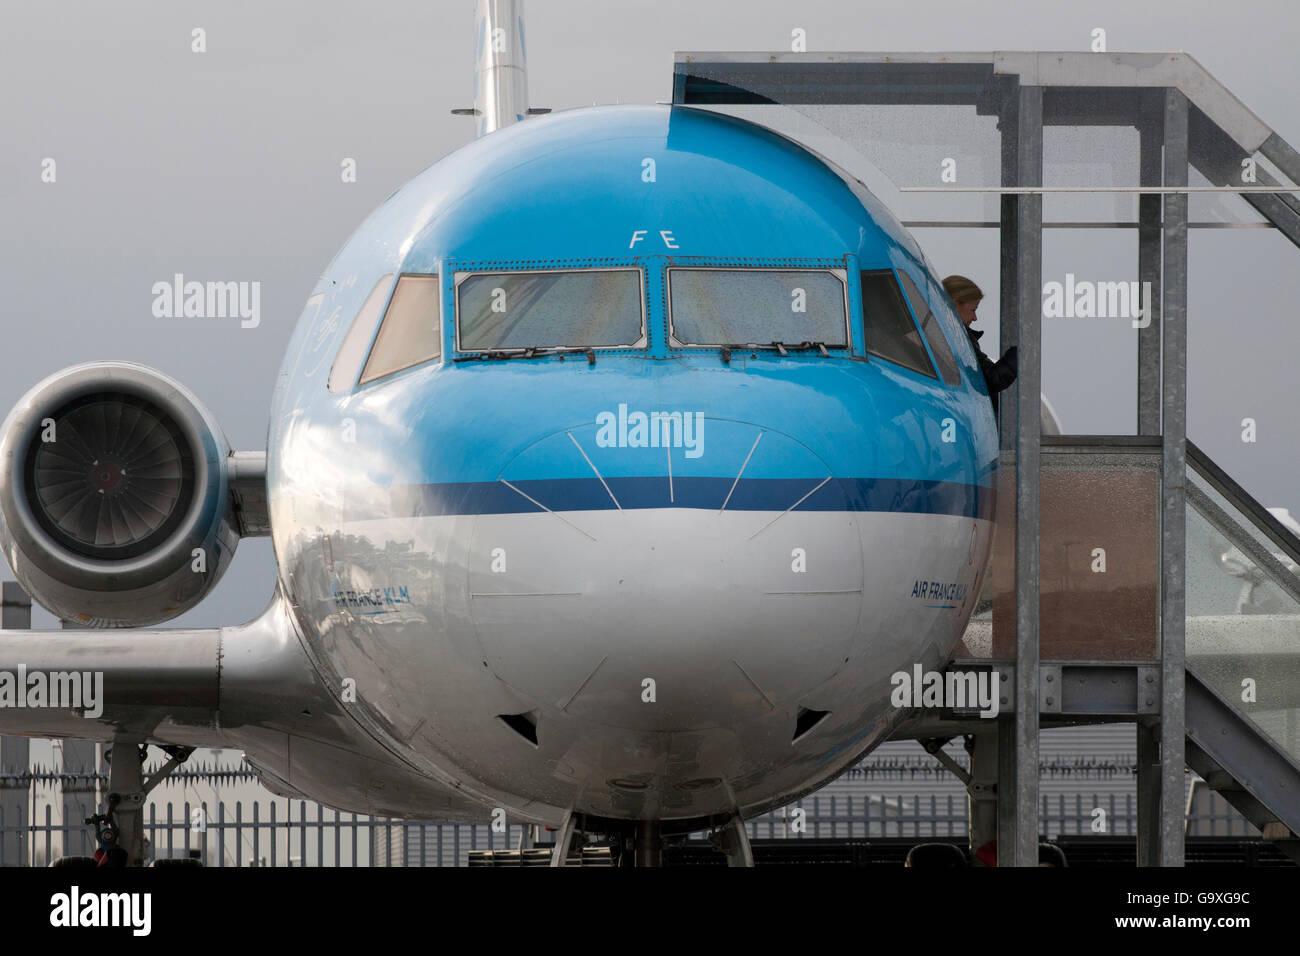 Amsterdam ,Holanda - 10 Noviembre ,2013 Fokker 100 aviones en el aeropuerto de Schiphol. este avión no vuela Imagen De Stock